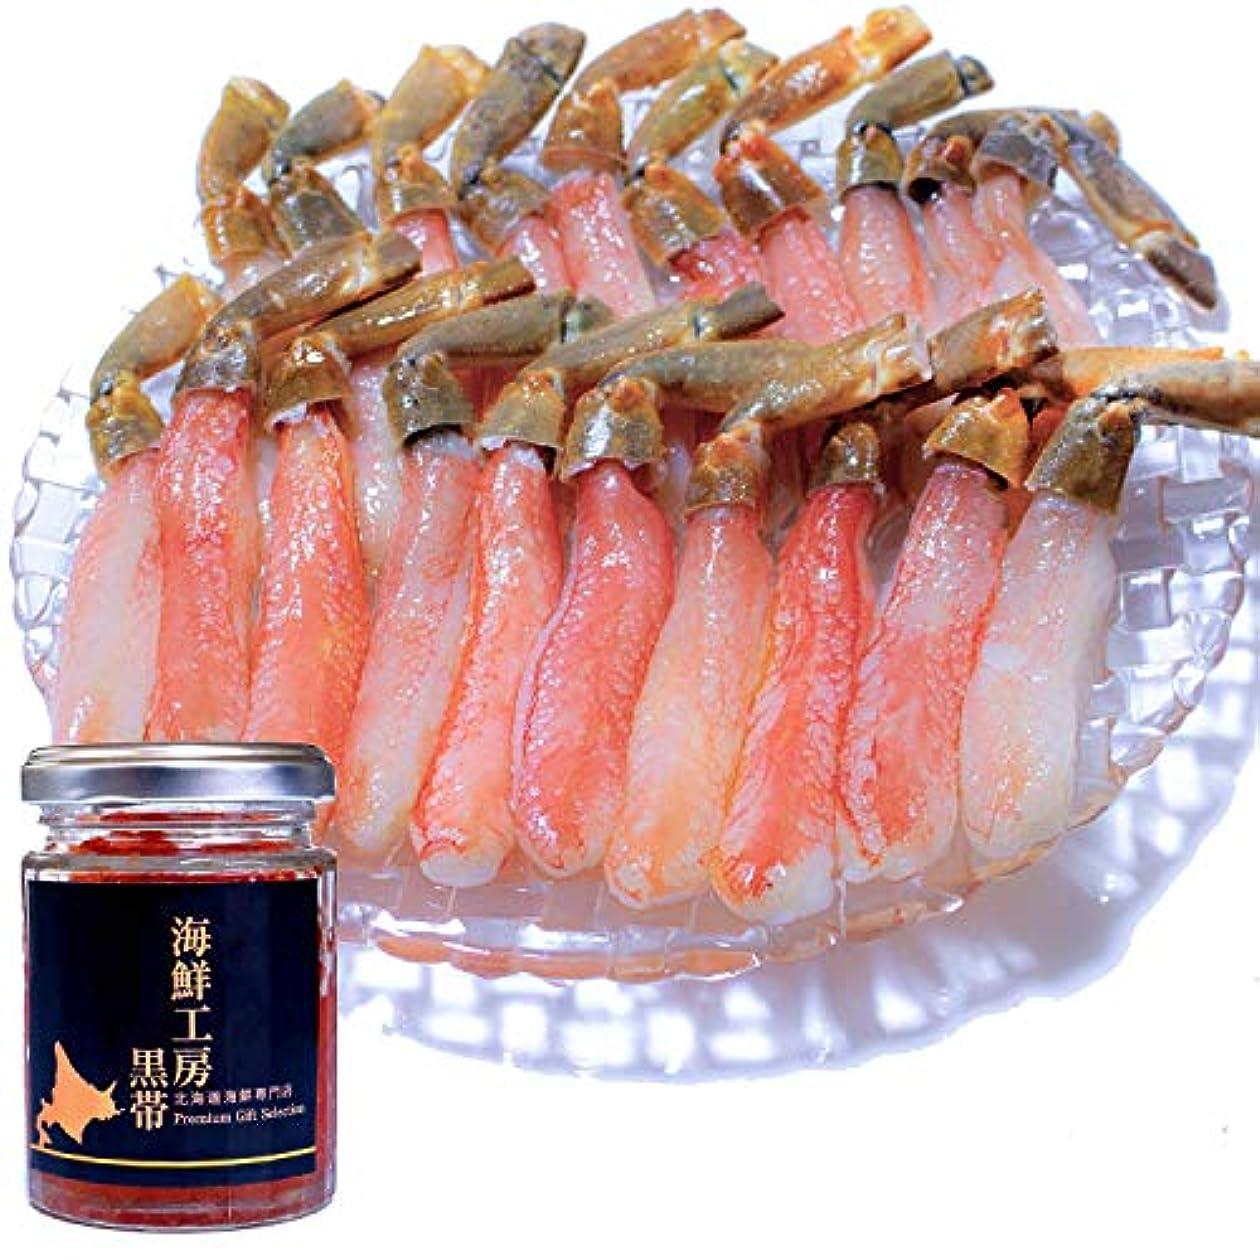 マカダム表現毎日黒帯 北海道 海鮮 詰め合わせ ギフトセット いくら醤油漬け 生ズワイガニ 棒肉 ポーション (いくら100g ポーション500g)